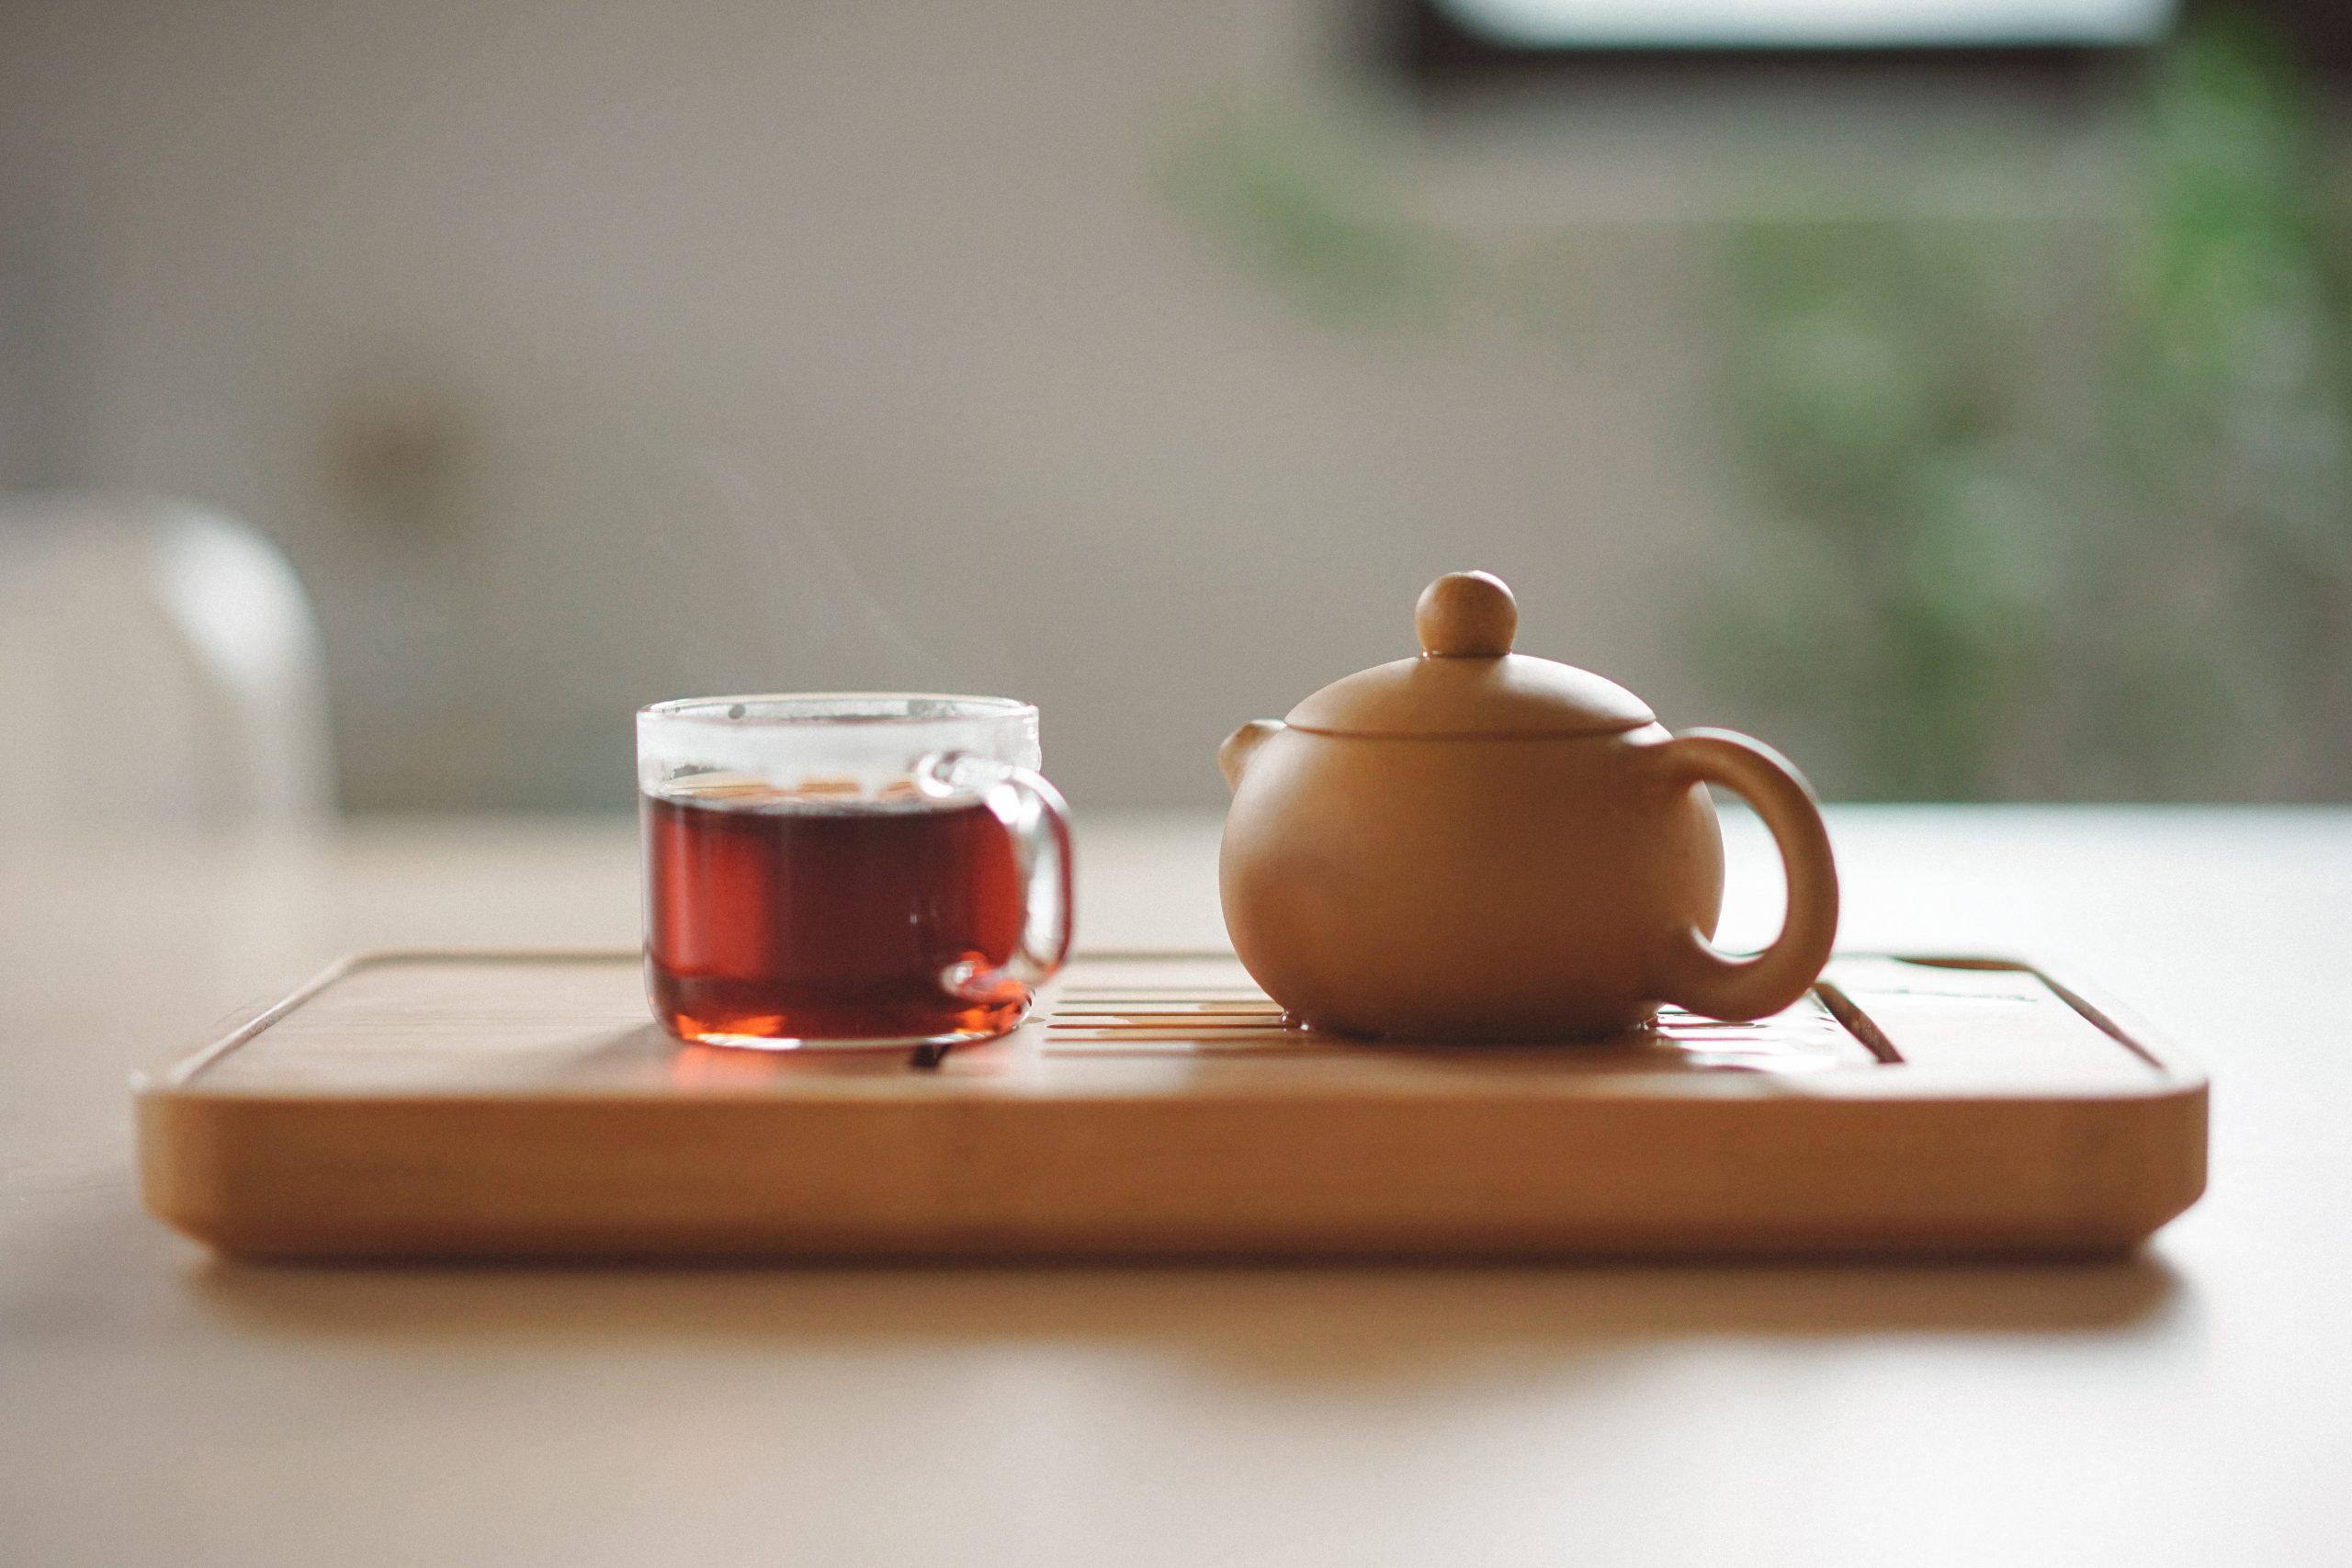 En te kopp och tekanna står på ett bord med suddig bakgrund